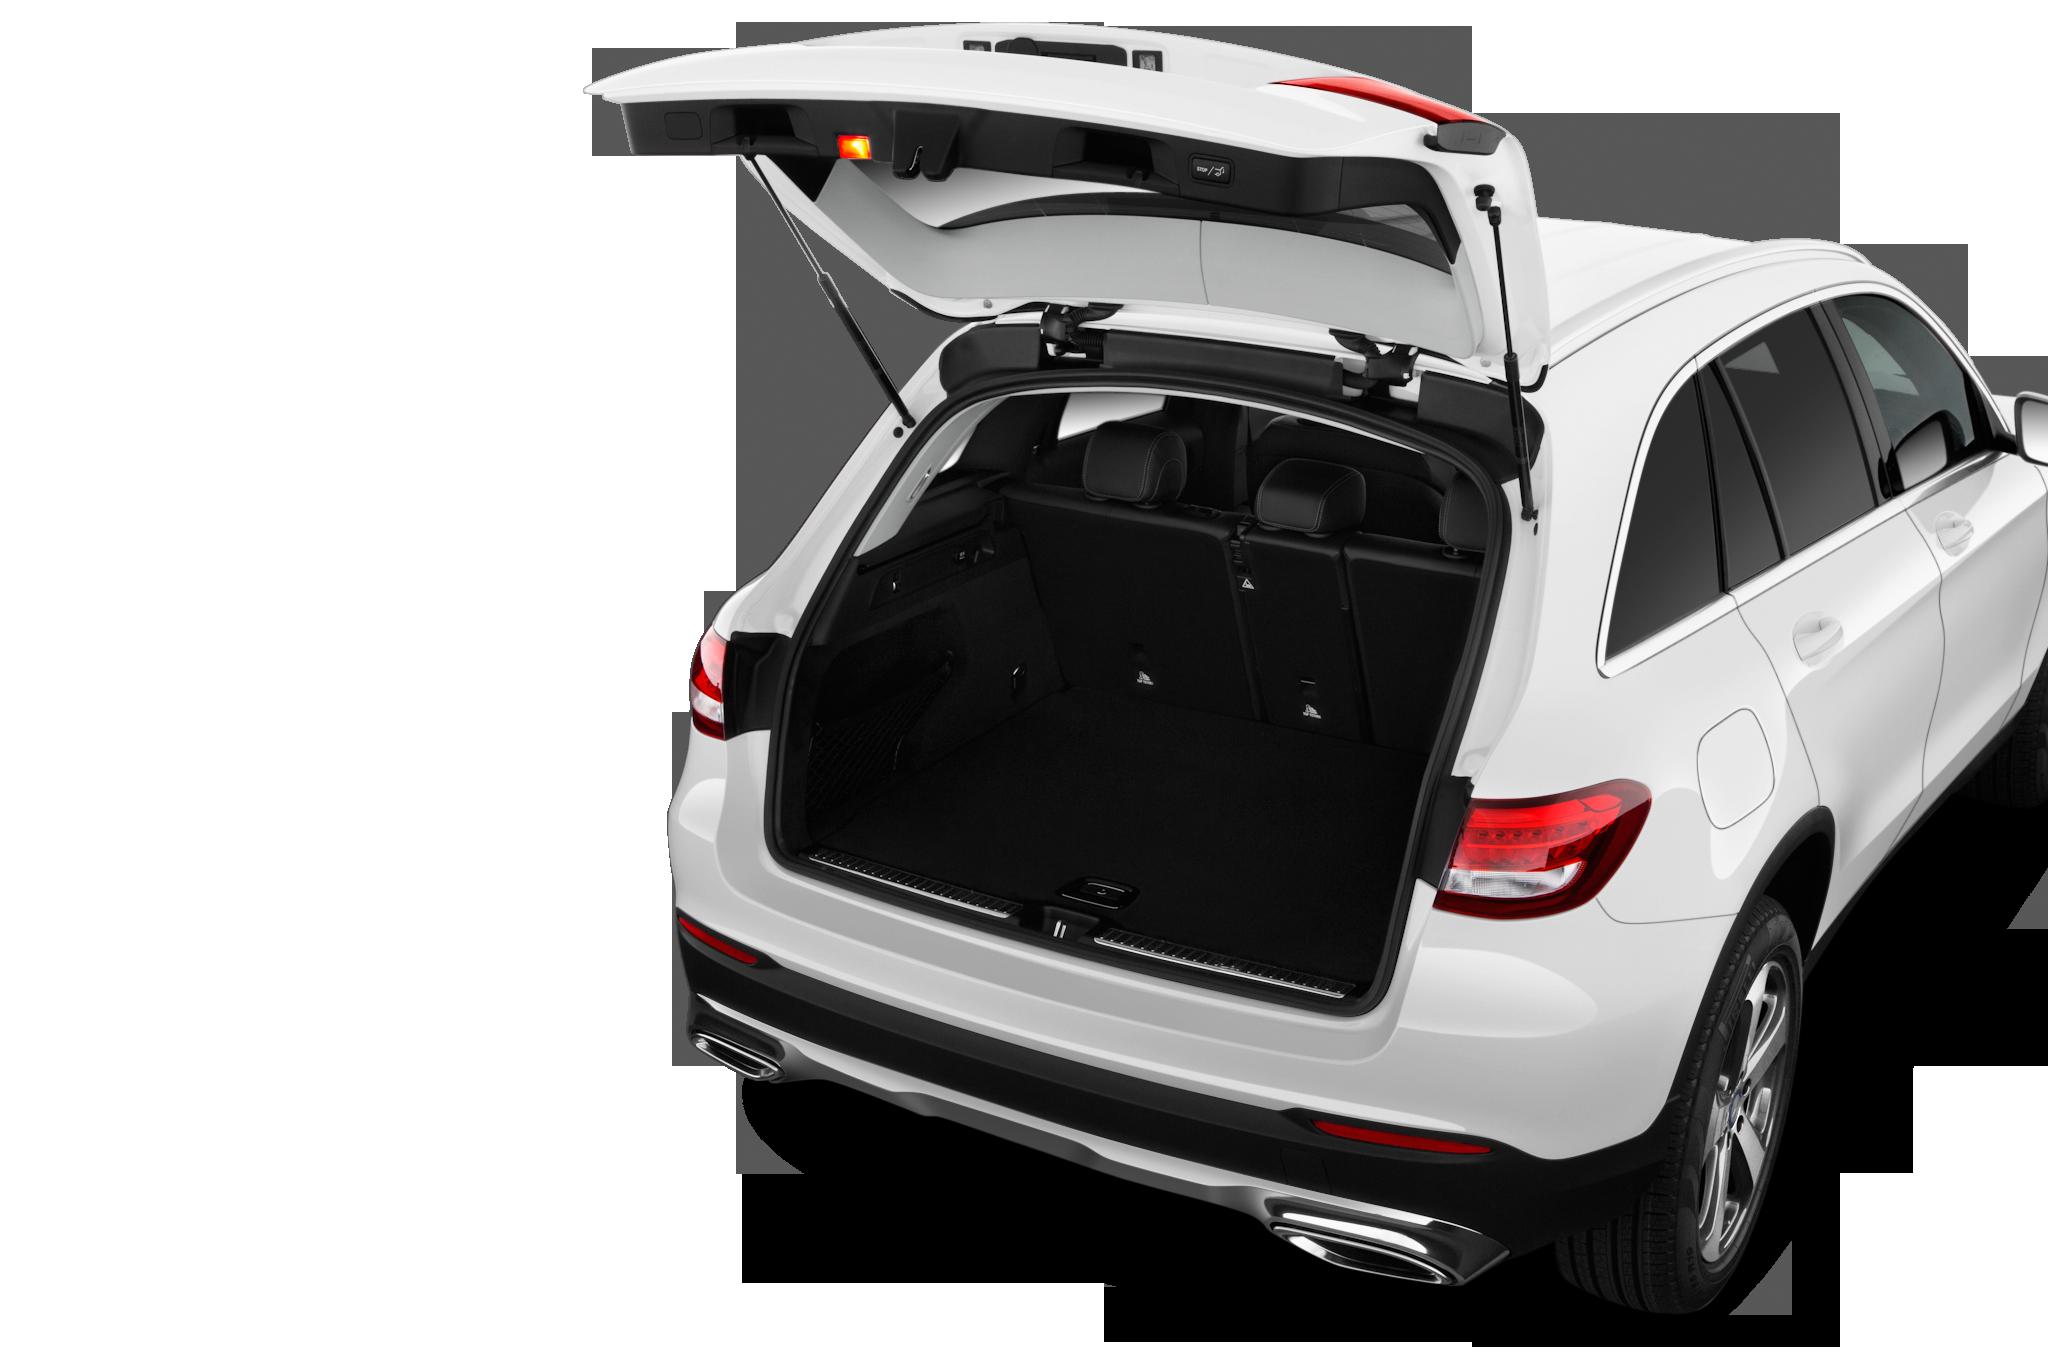 Bmw x4 mercedes benz glc porsche macan go off roading for Mercedes benz 300 suv